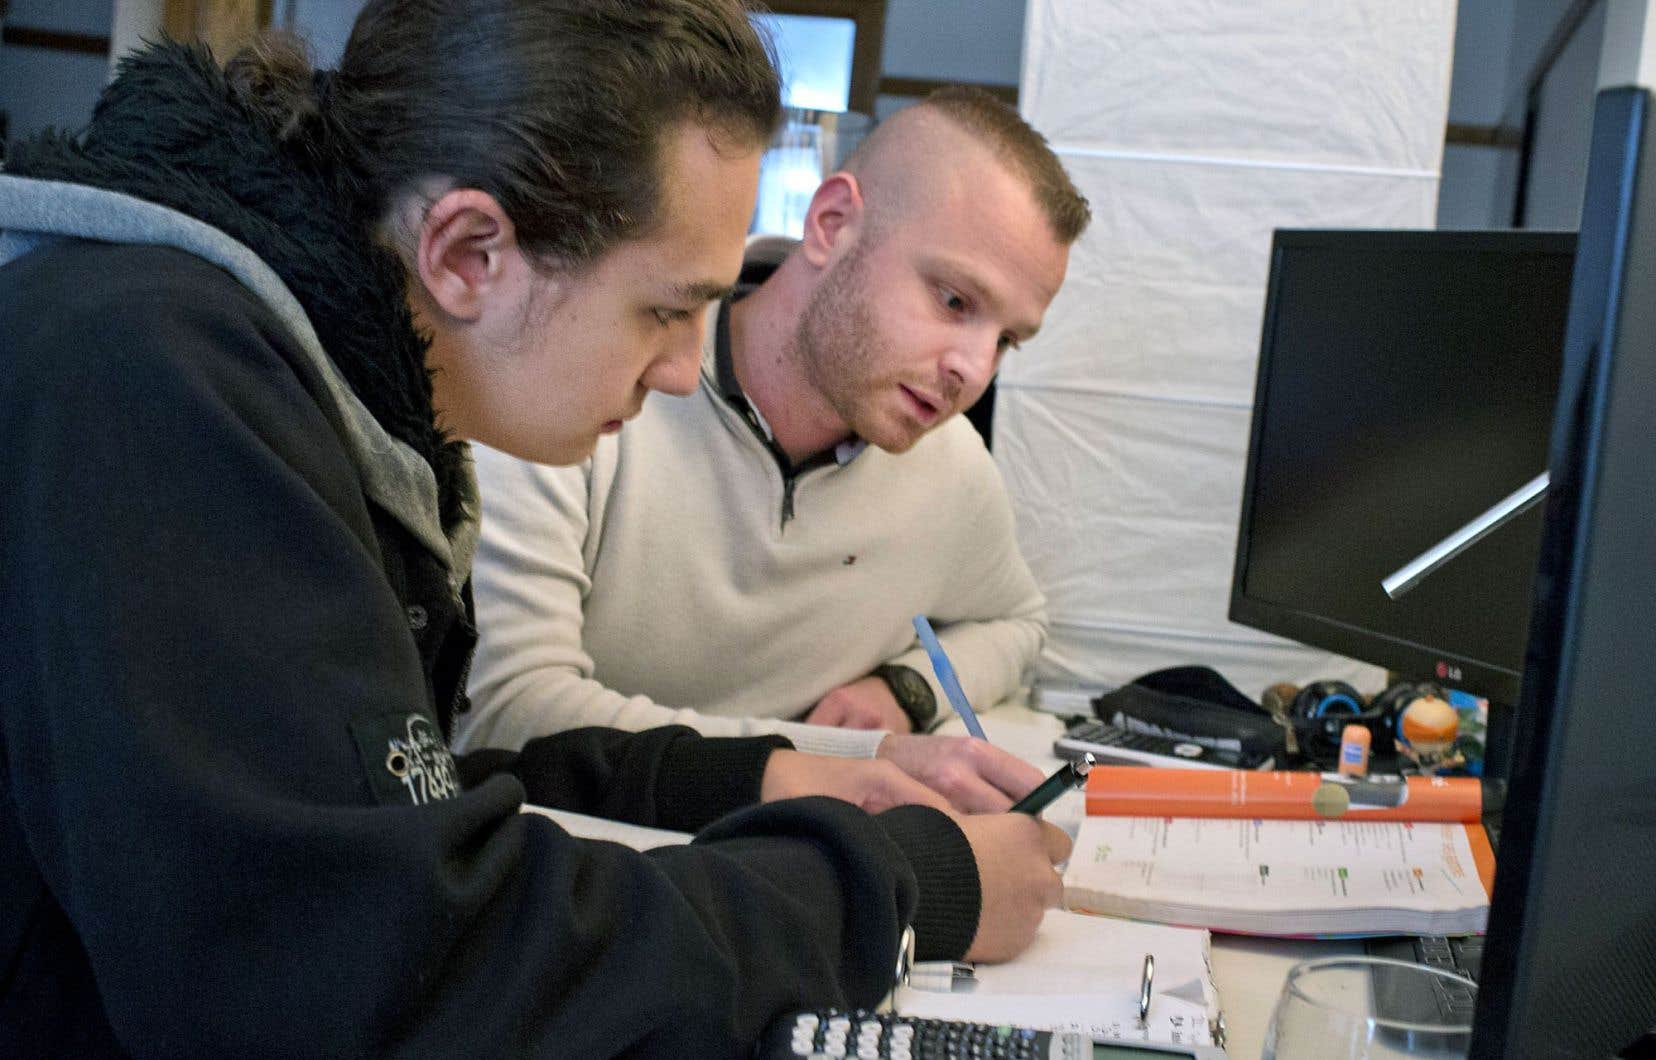 Armand étudie les maths avec son tuteur, Anthony.